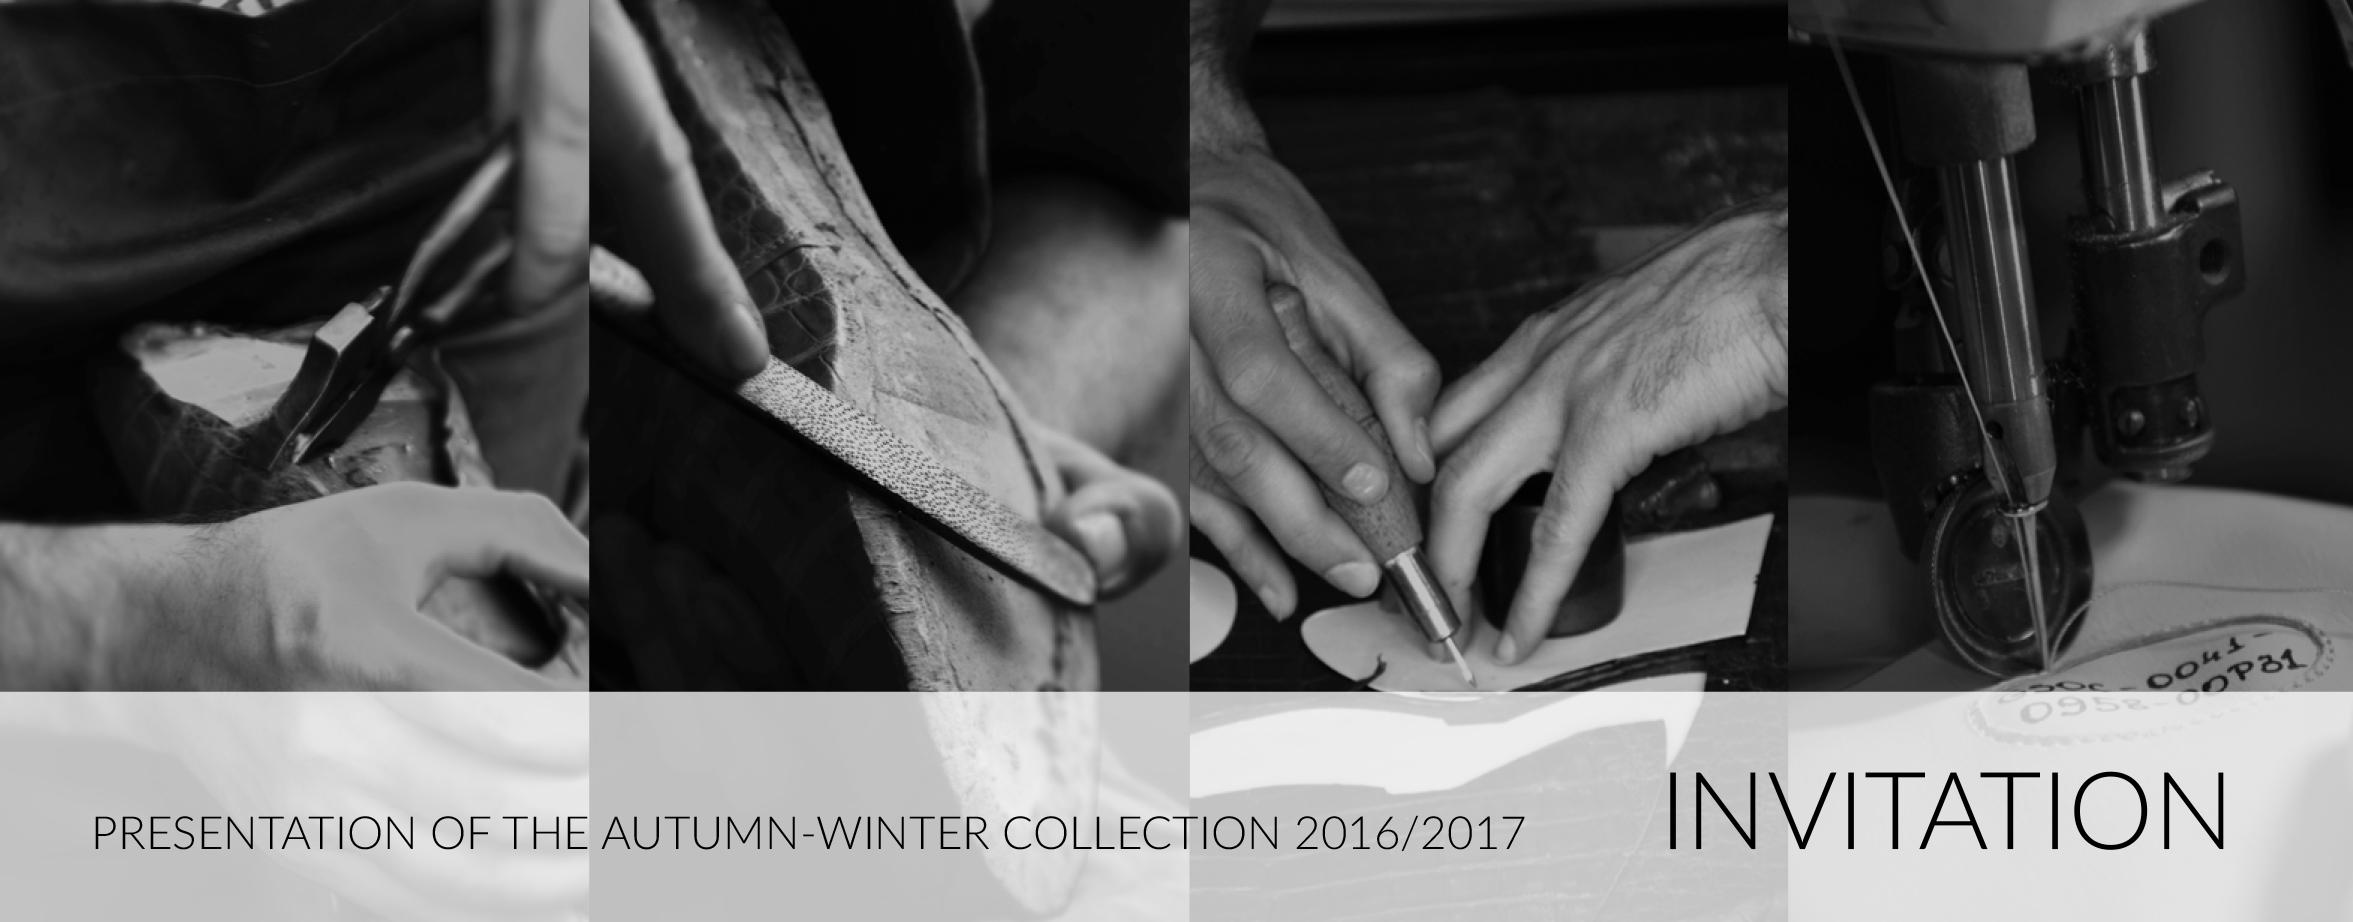 zaproszenie-jesien-zima2016-ang-1